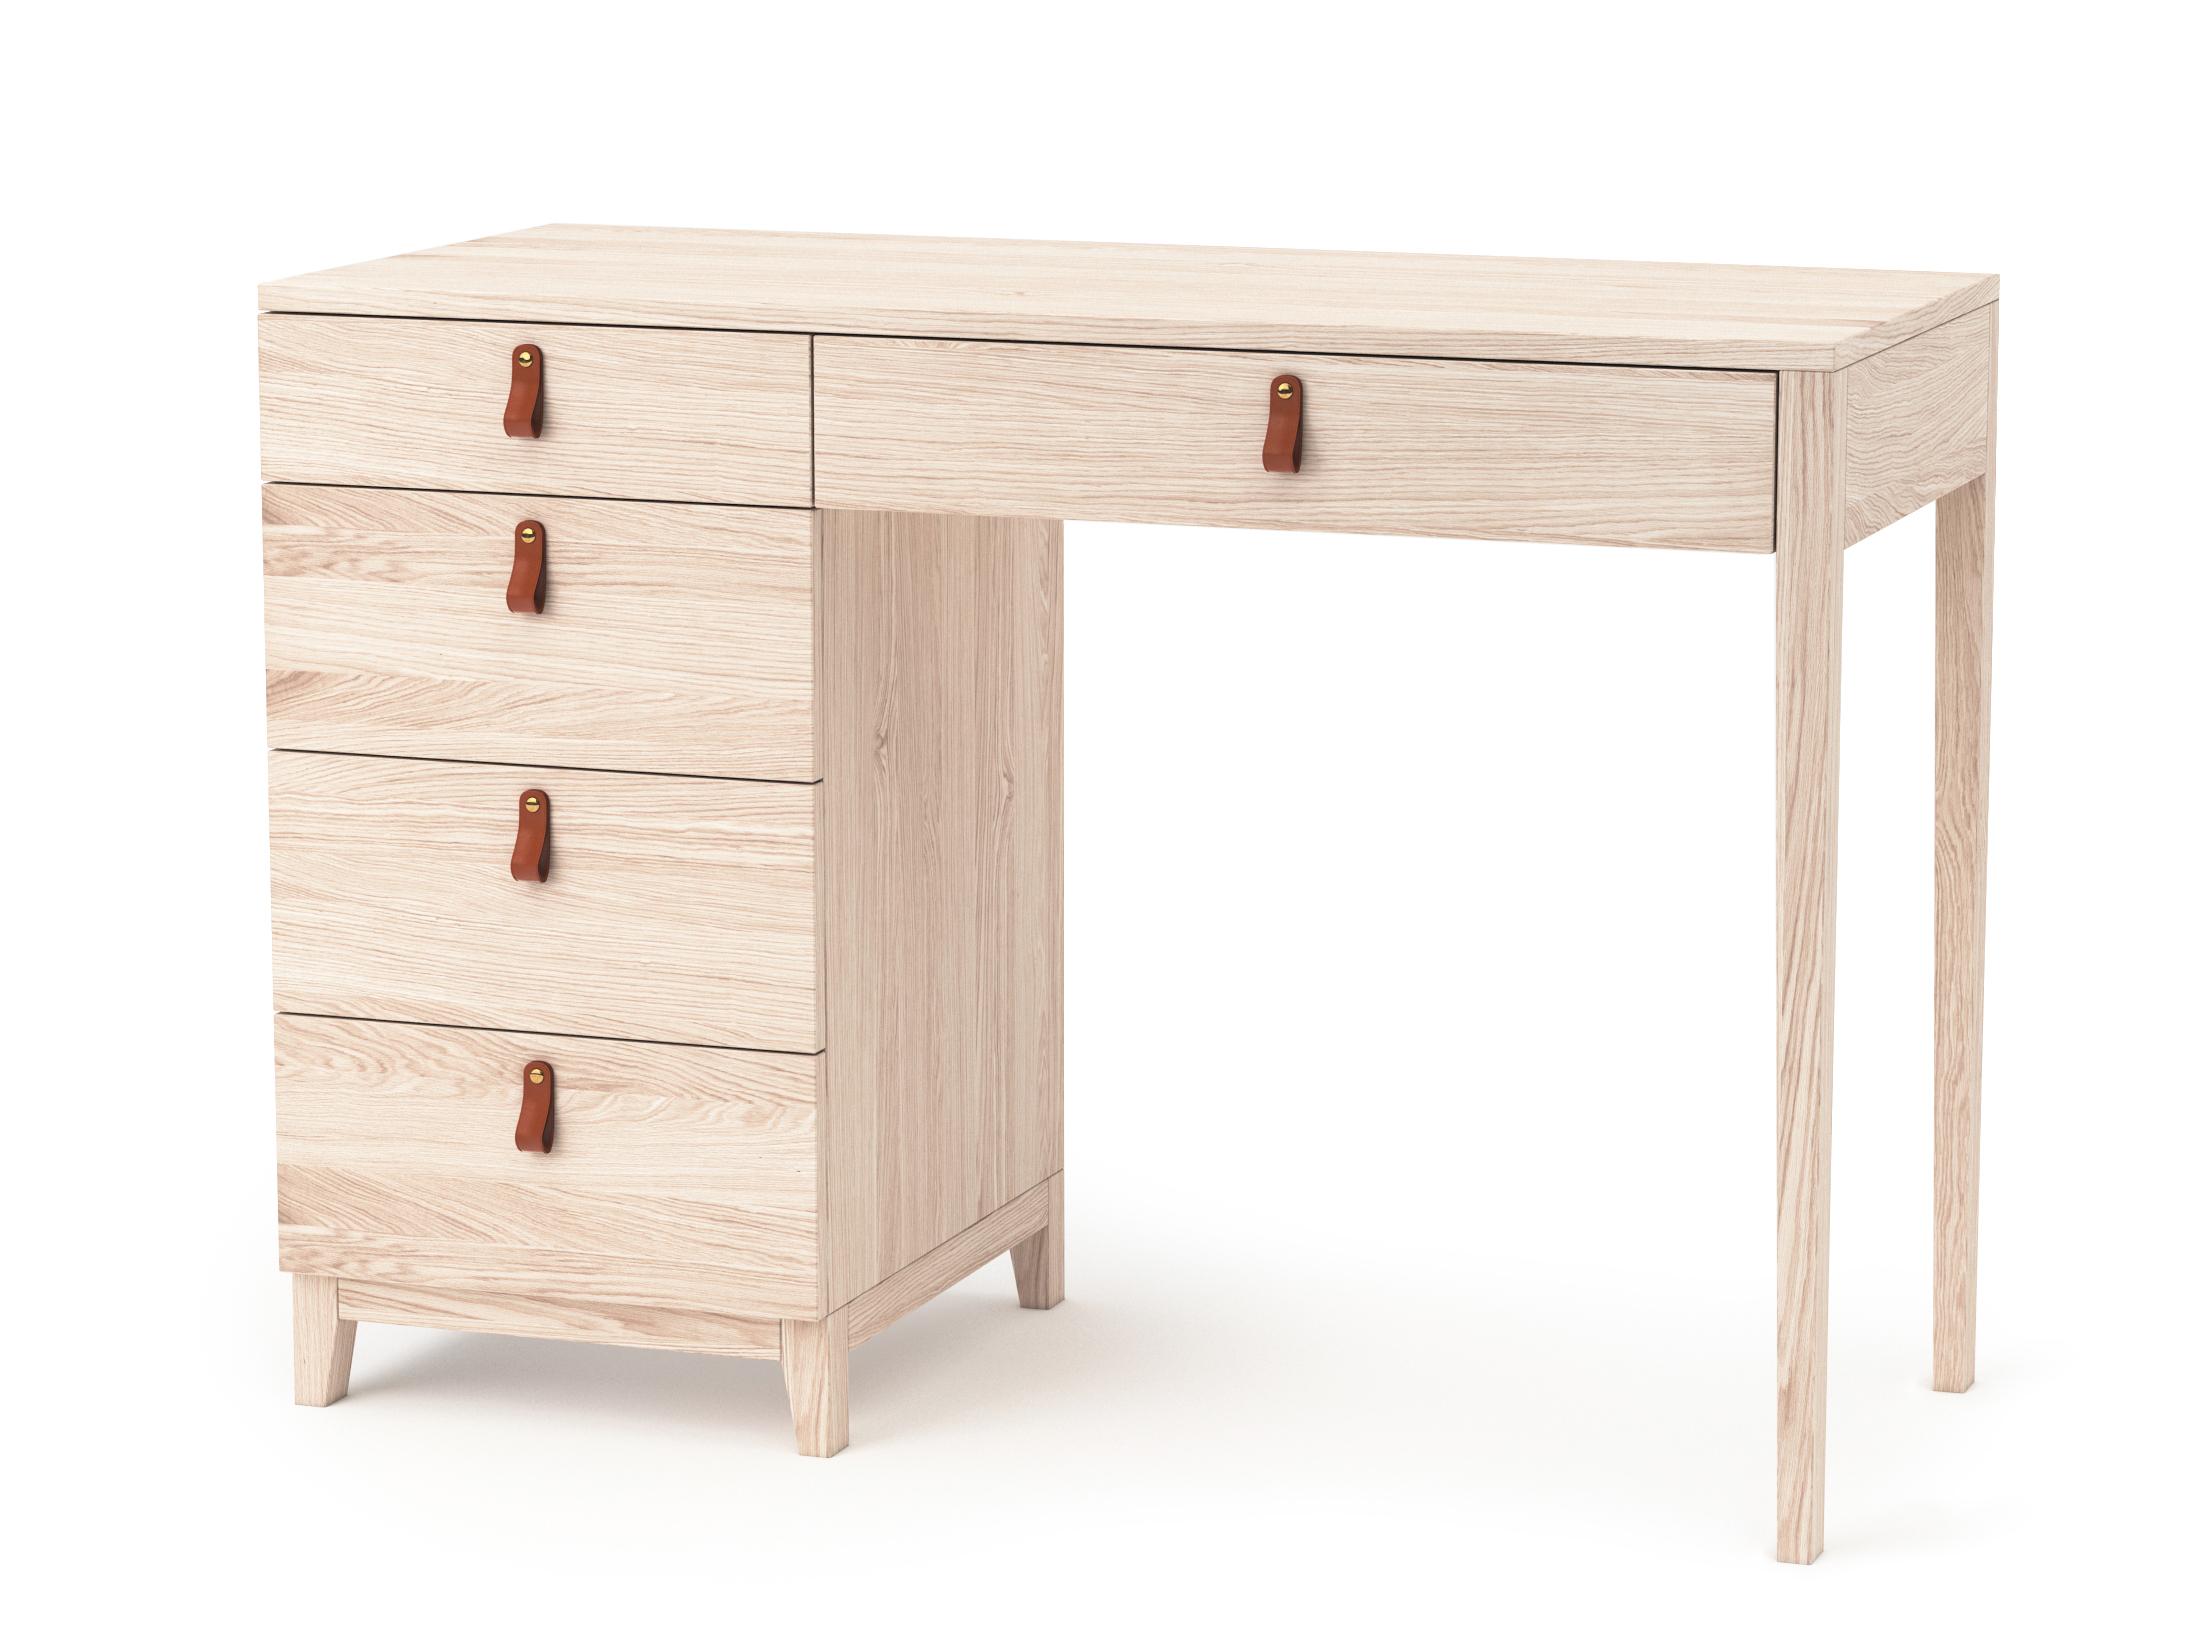 Консольный столJaggerПисьменные столы<br>Консольный стол JAGGER  обладает лаконичным дизайном с изысканными, кожаными ручками и универсальными характеристиками, благодаря своим размерам и функциональным ящикам. JAGGER органично будет смотреться, как в маленьких и узких местах, так и в больших пространствах. В небольших помещениях, может использоваться в качестве письменного стола.<br><br>Material: МДФ<br>Length см: None<br>Width см: 100<br>Depth см: 50<br>Height см: 75<br>Diameter см: None